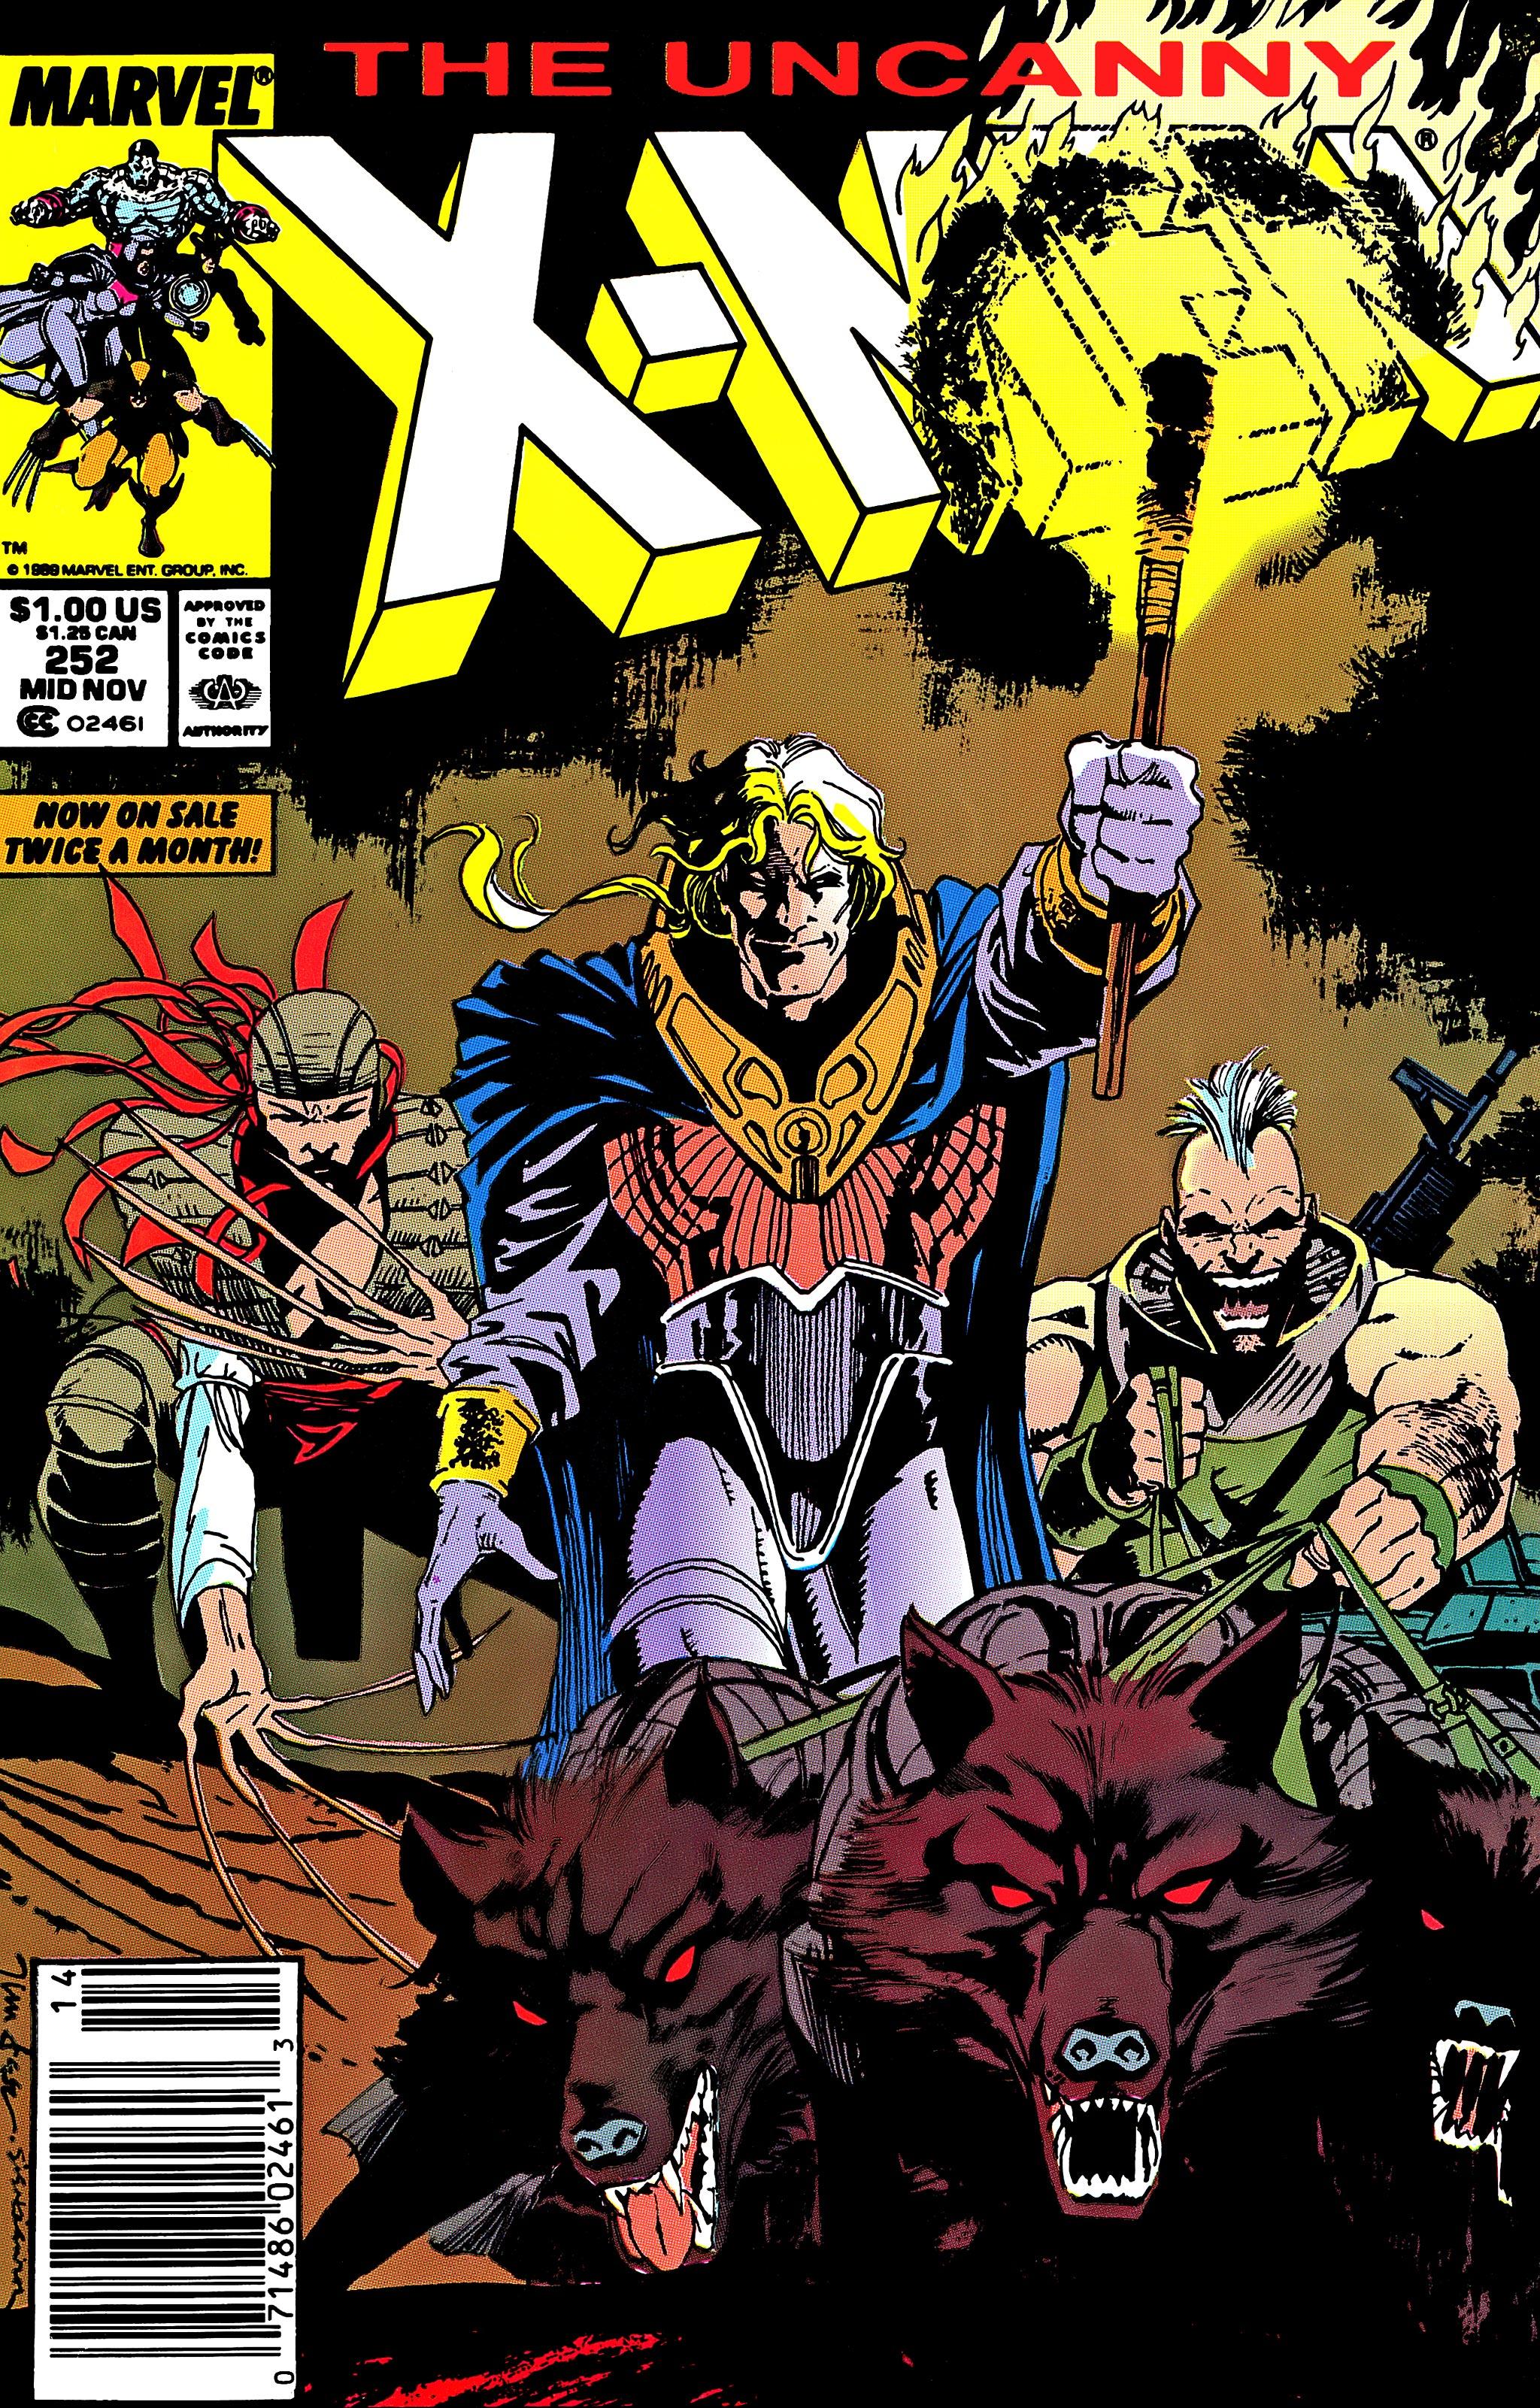 Uncanny X-Men (1963) 252 Page 1